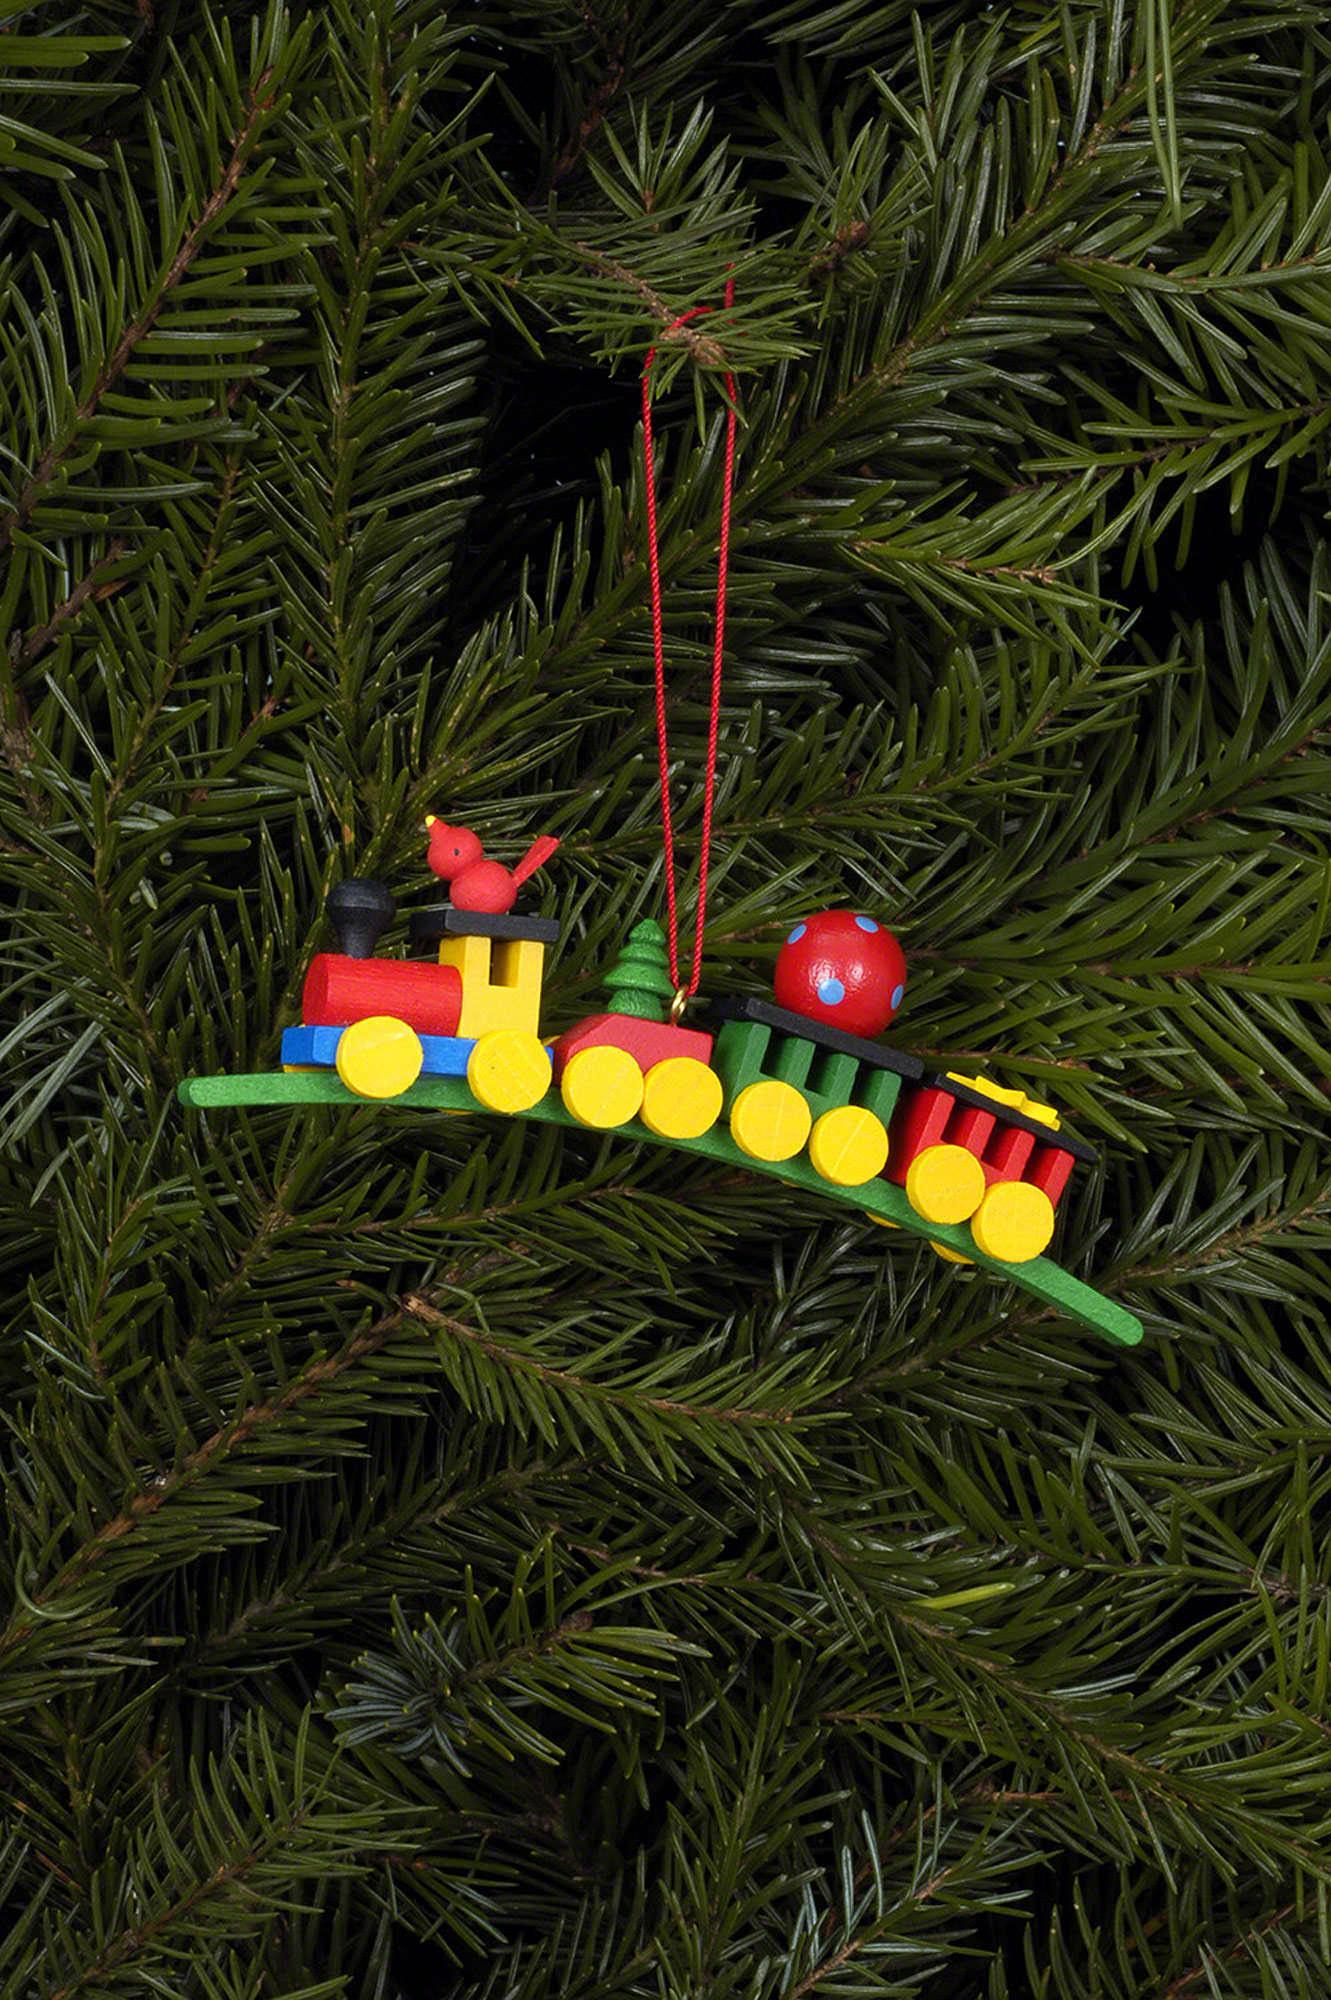 tree ornament present train 10430 cm 4112 inch